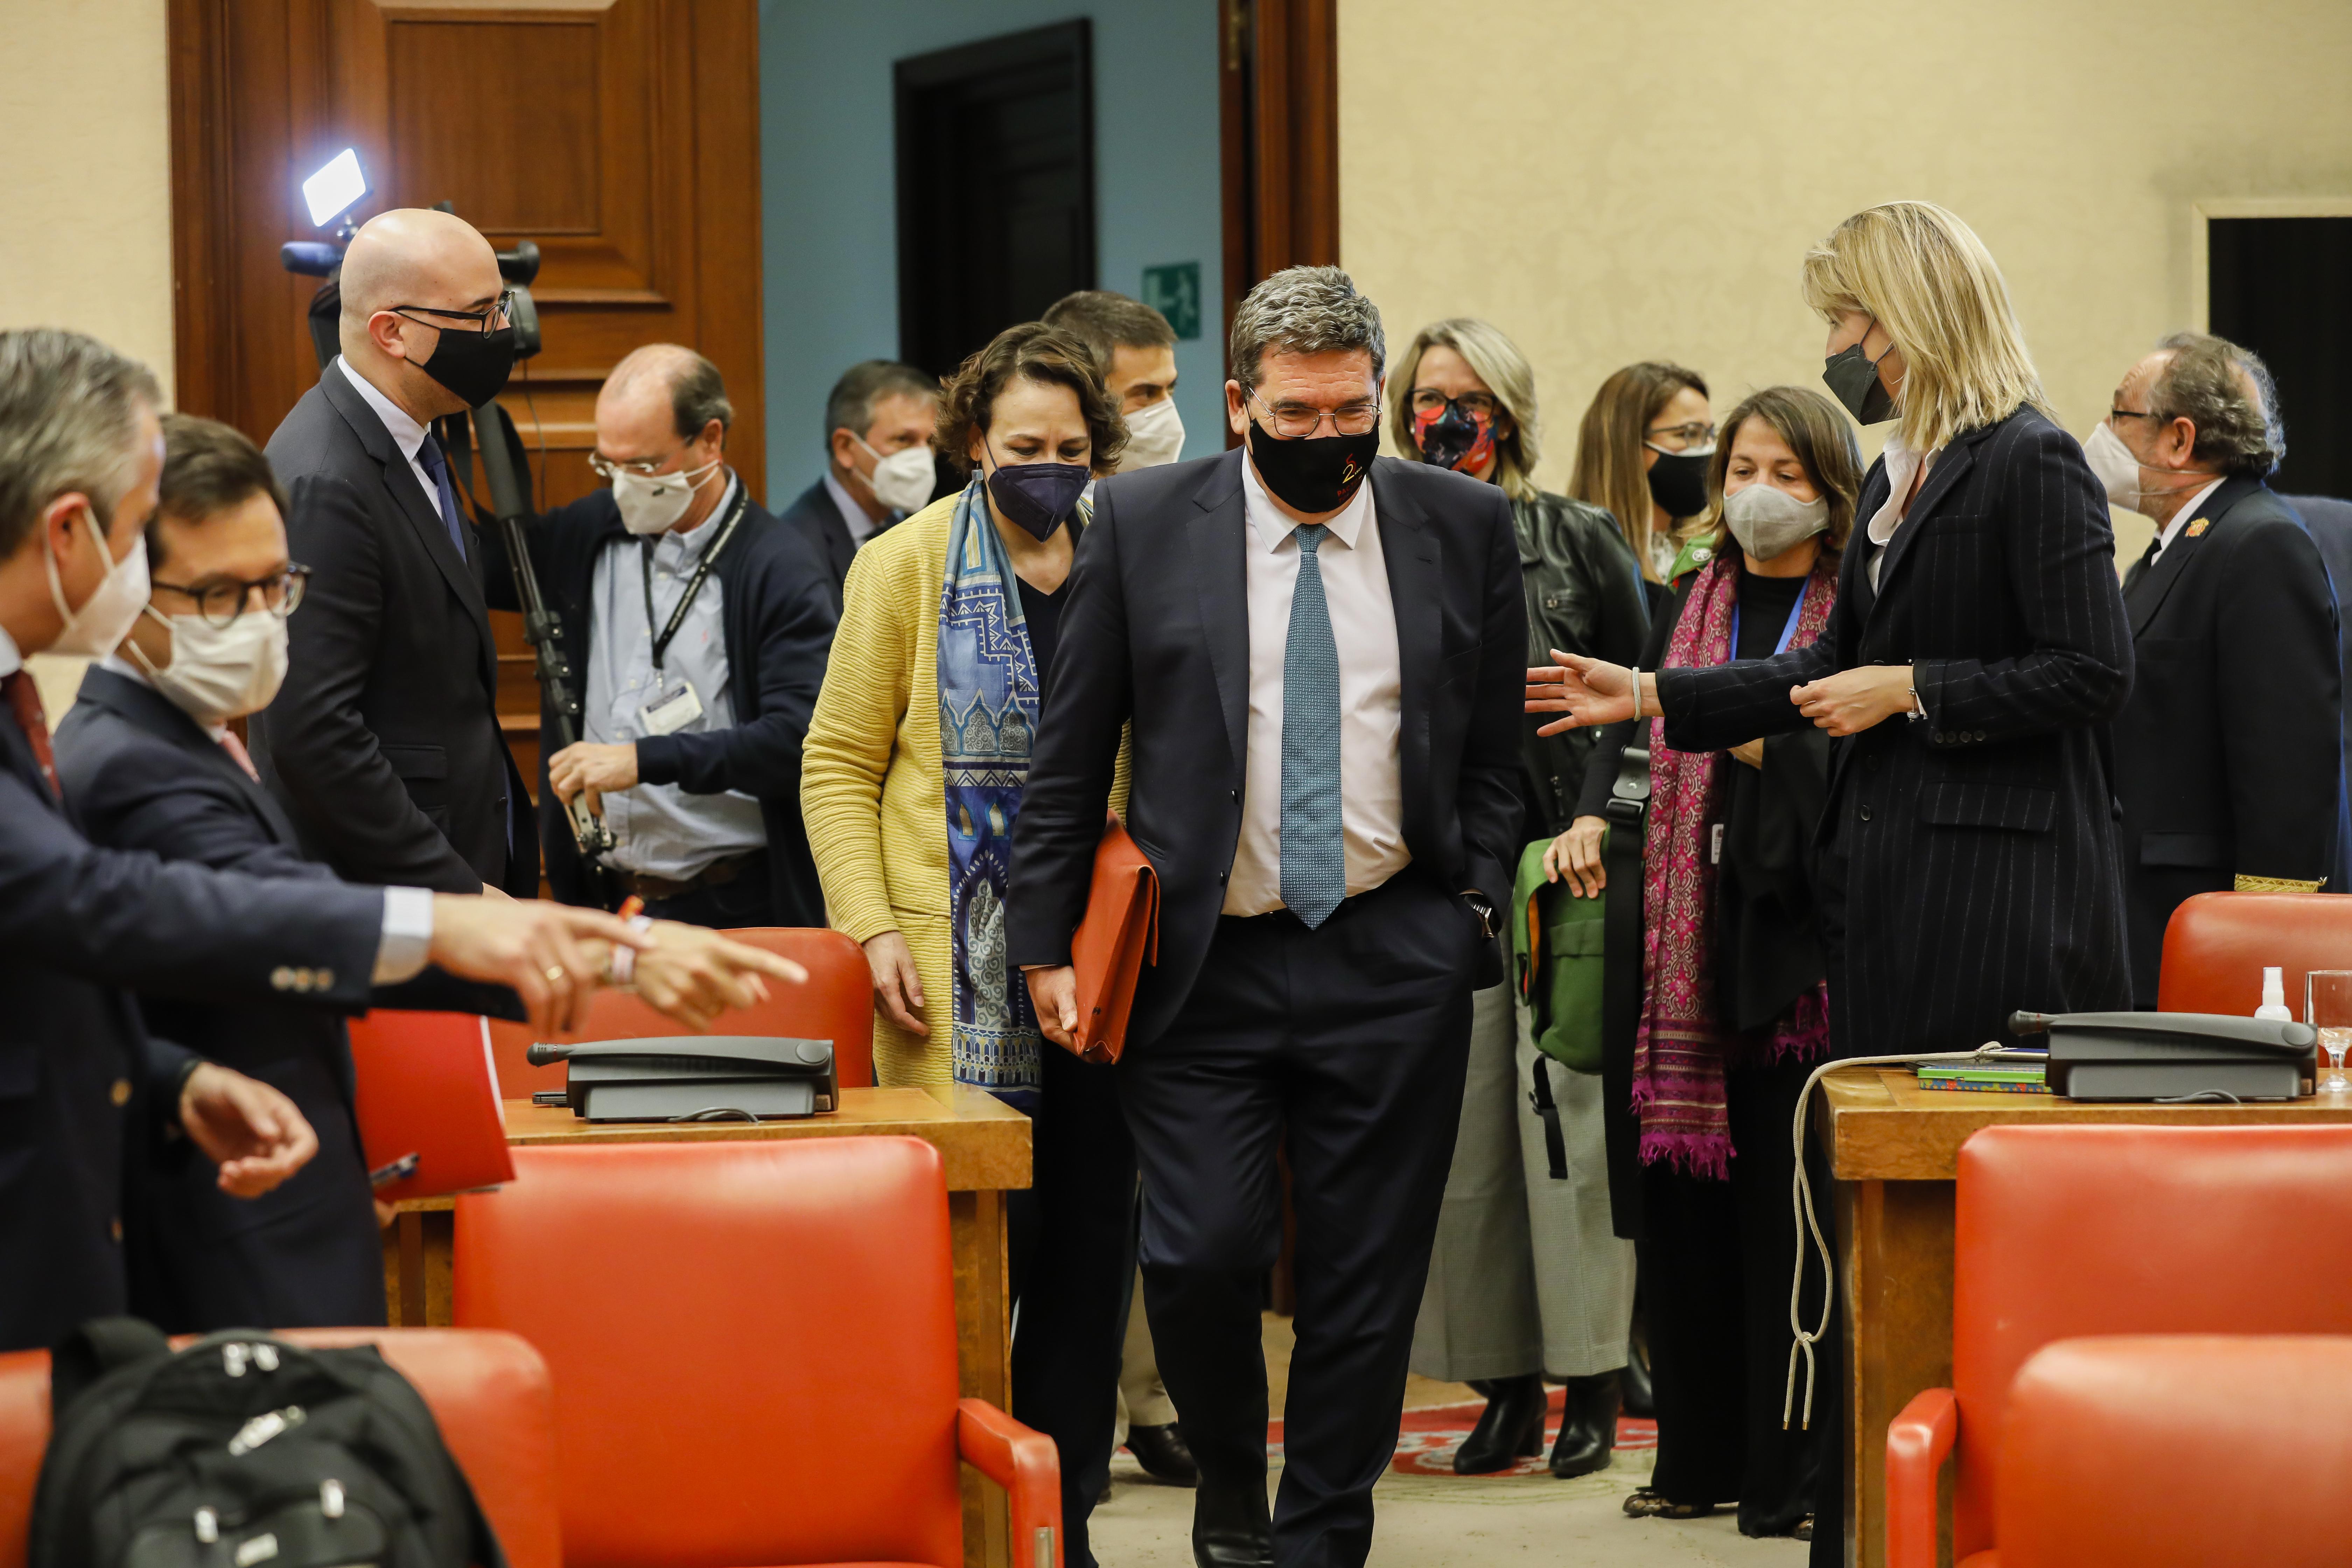 El Ministro de Seguridad Social, José Luis Escrivá entra esta tarde en la comisión del Pacto de Toledo, en el Congreso de los diputados.